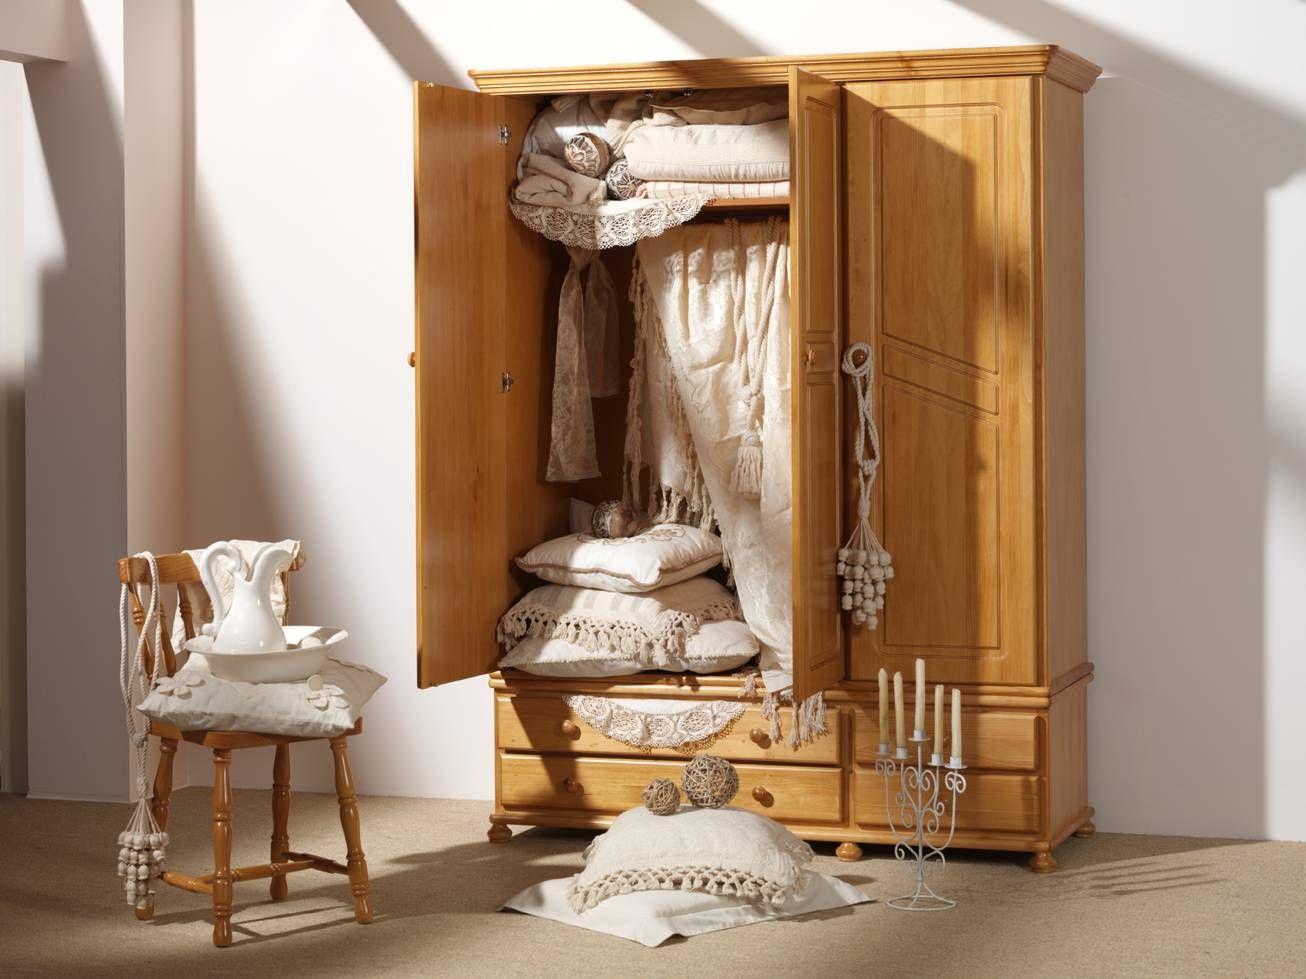 Armario 4 Puertas Provenzal « Dormitorios Provenzal/Pino Online « Muebles Online - Muebles Peymar